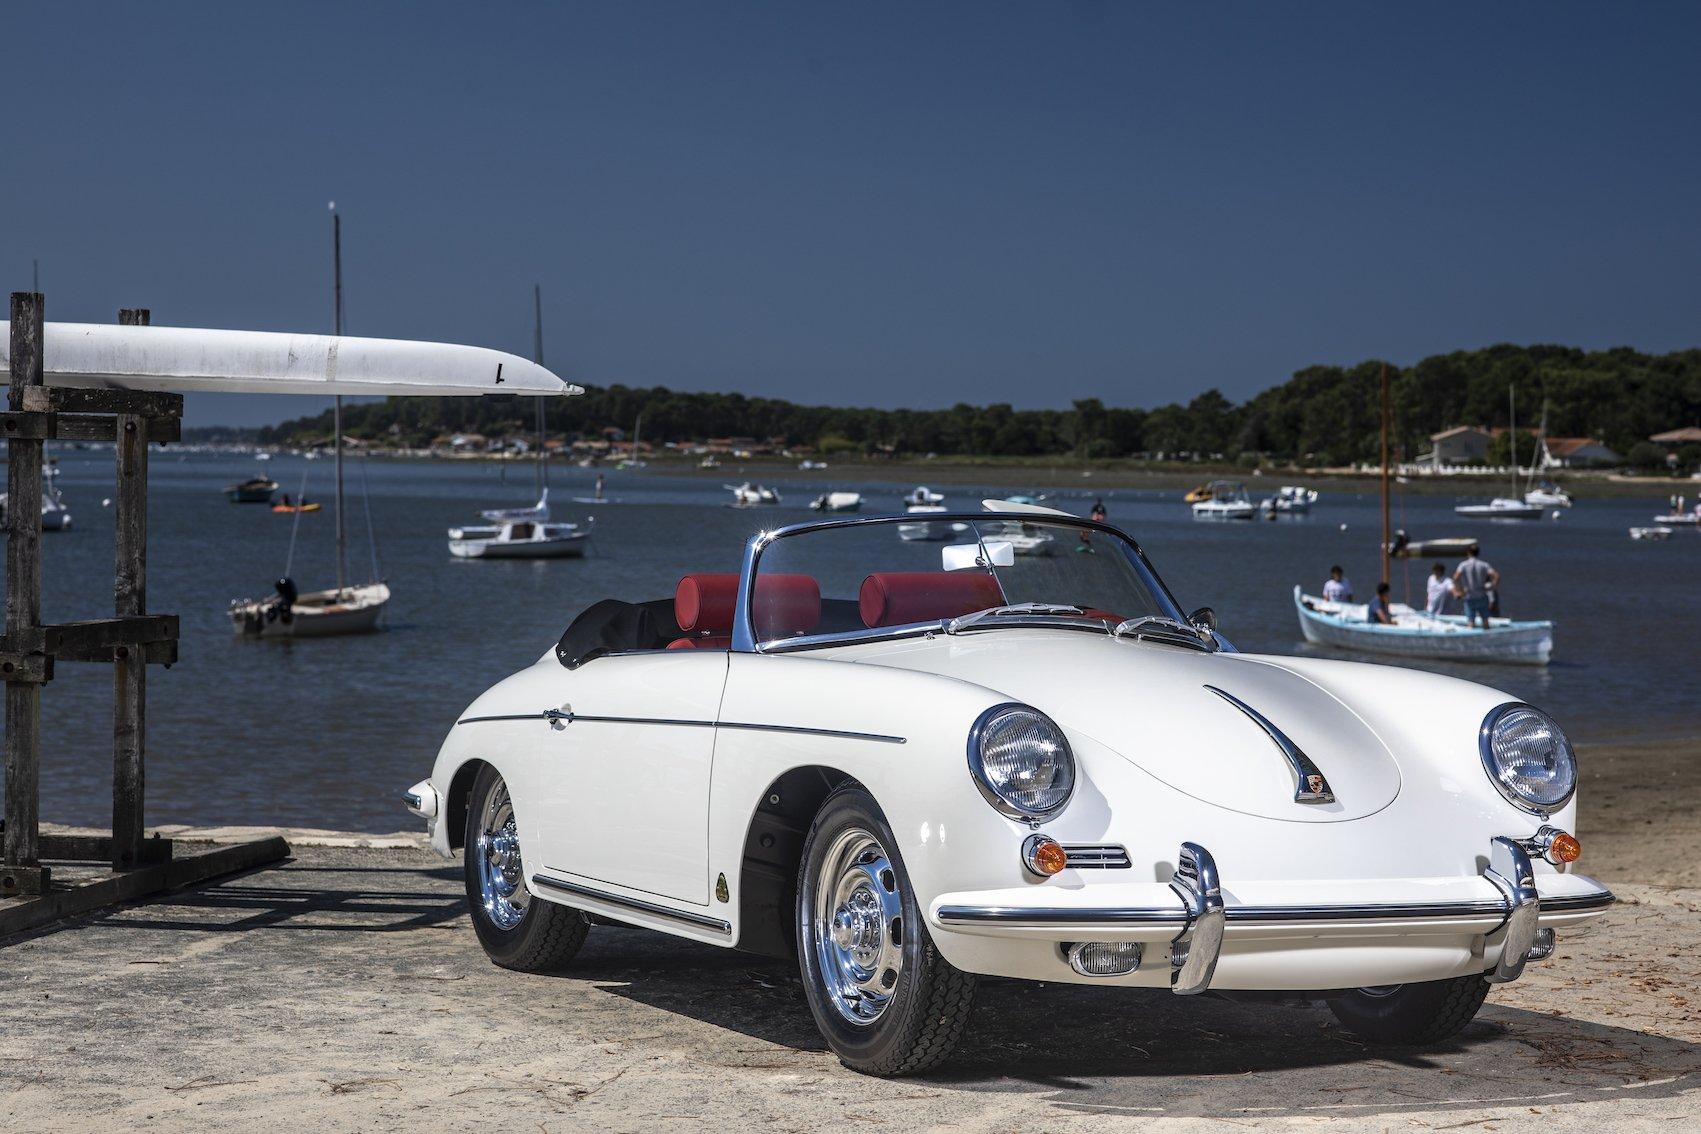 1960 Porsche 356 Porsche 356 Bt5 Roadster Super 90 Classic Driver Market